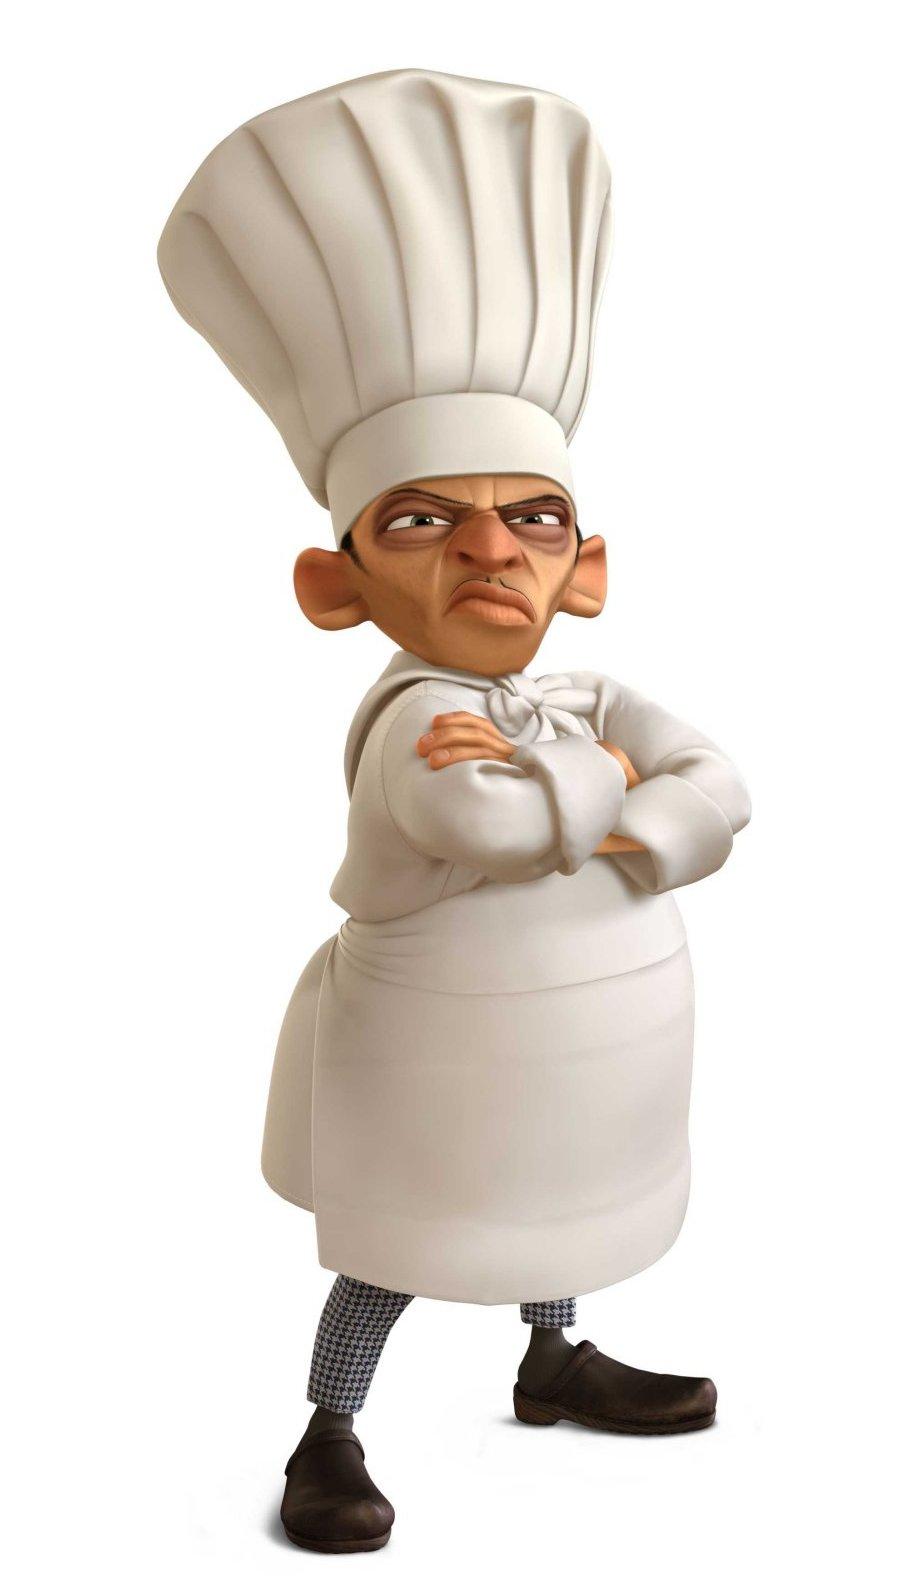 cual es la importancia del uso correcto del uniforme de cocina ...